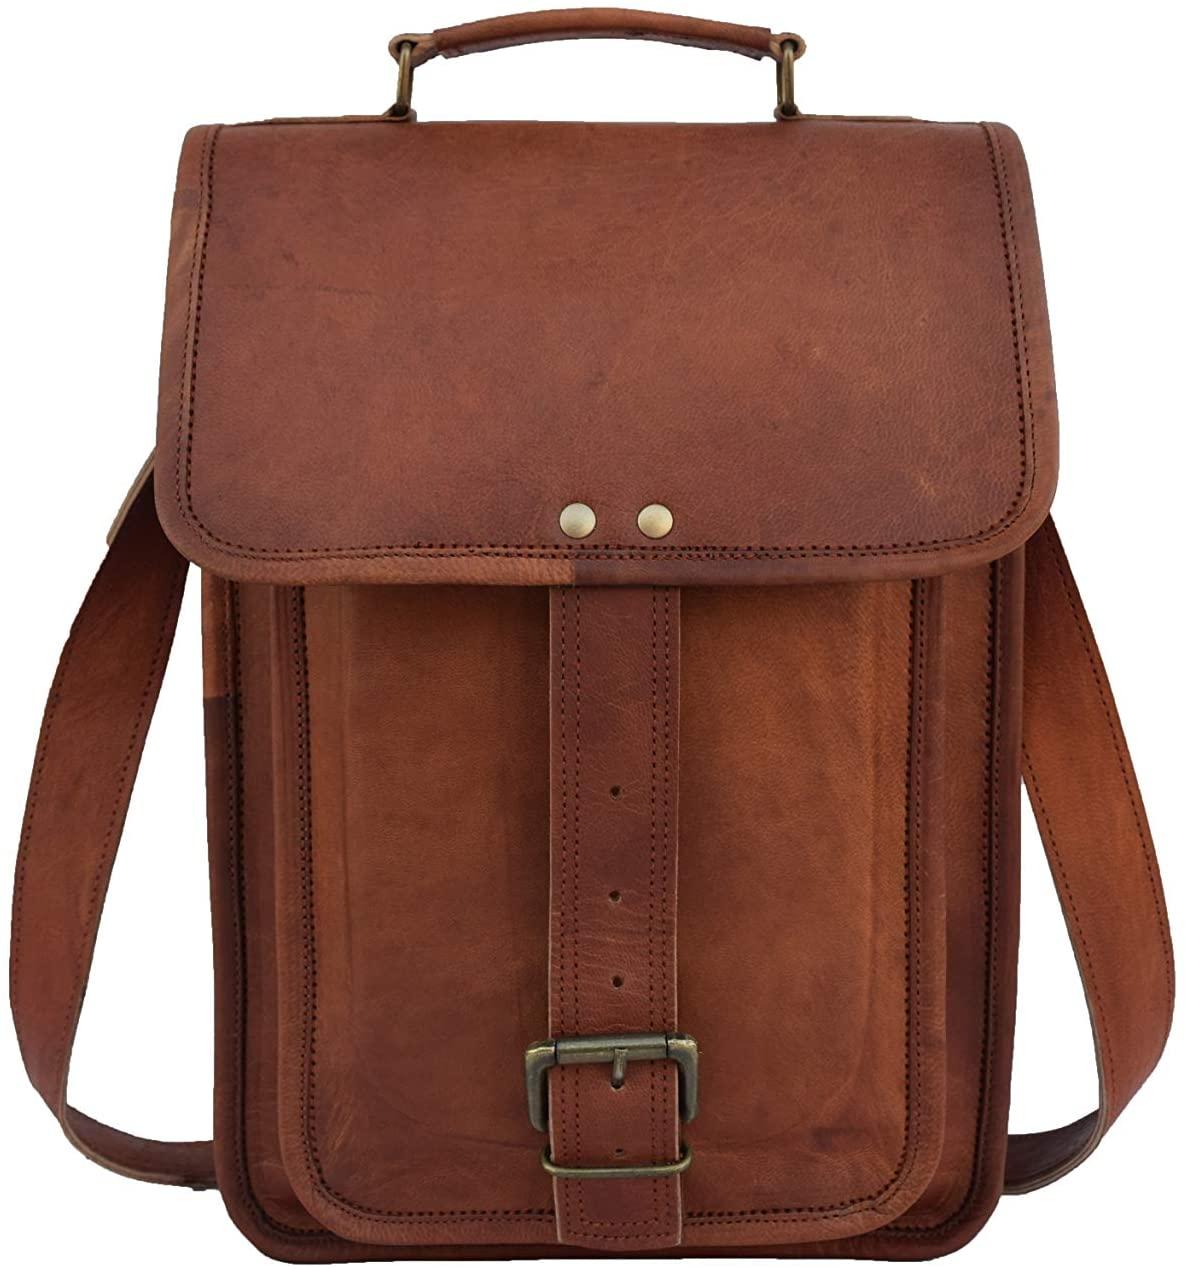 Vintage Leather Crossbody Messenger Bag 13 Inch MacBook/Laptop Satchel Shoulder Bag Unisex